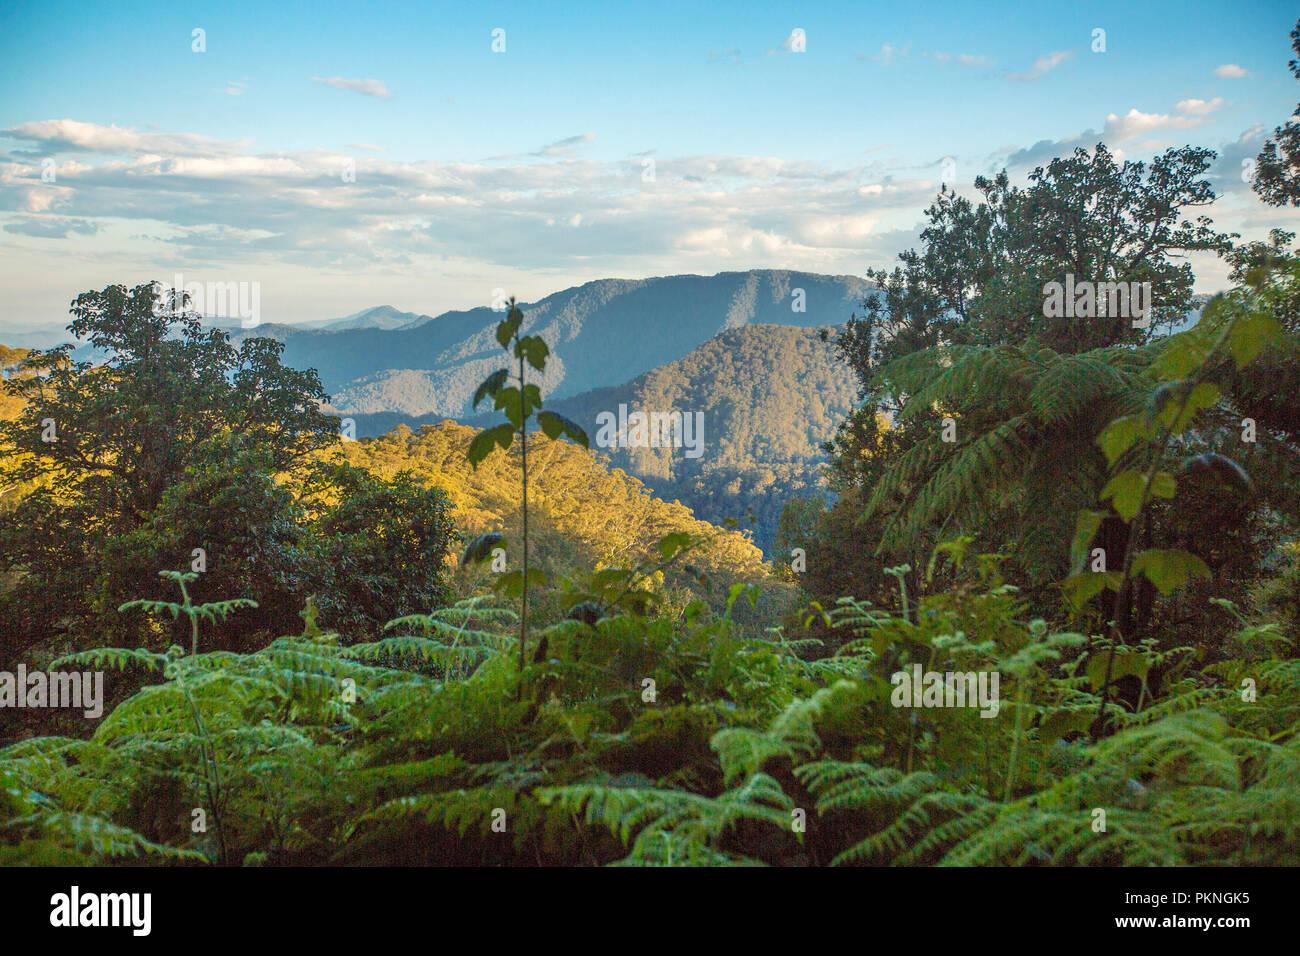 Vista de escarpadas y picos boscosos de la Gran Cordillera Divisoria rising en cielo azul cerca de Dorrigo en el norte de Nueva Gales del Sur (Australia) Imagen De Stock